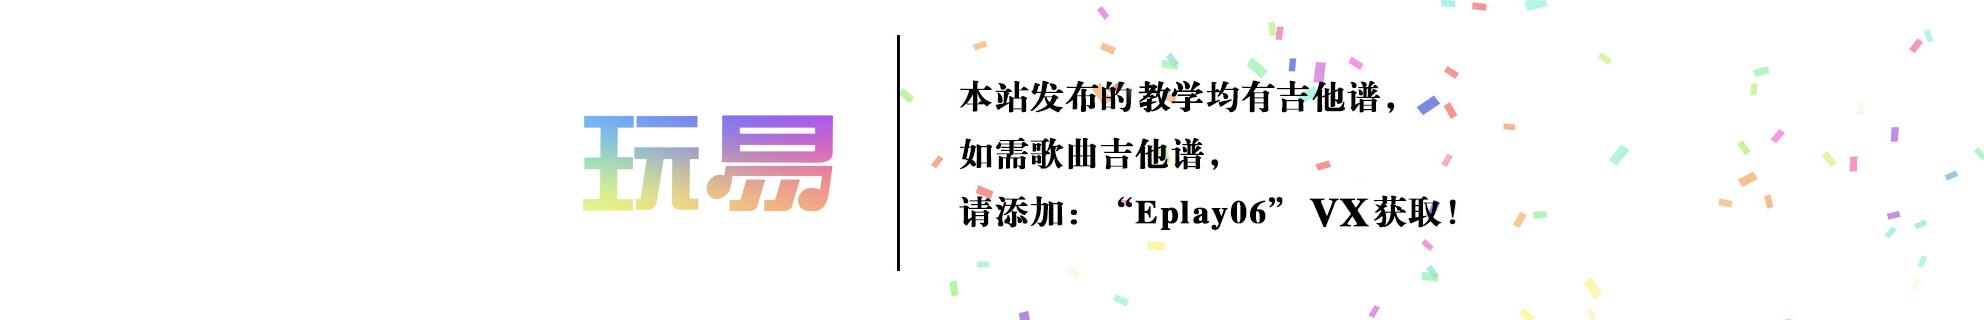 玩易Eplay吉他 banner